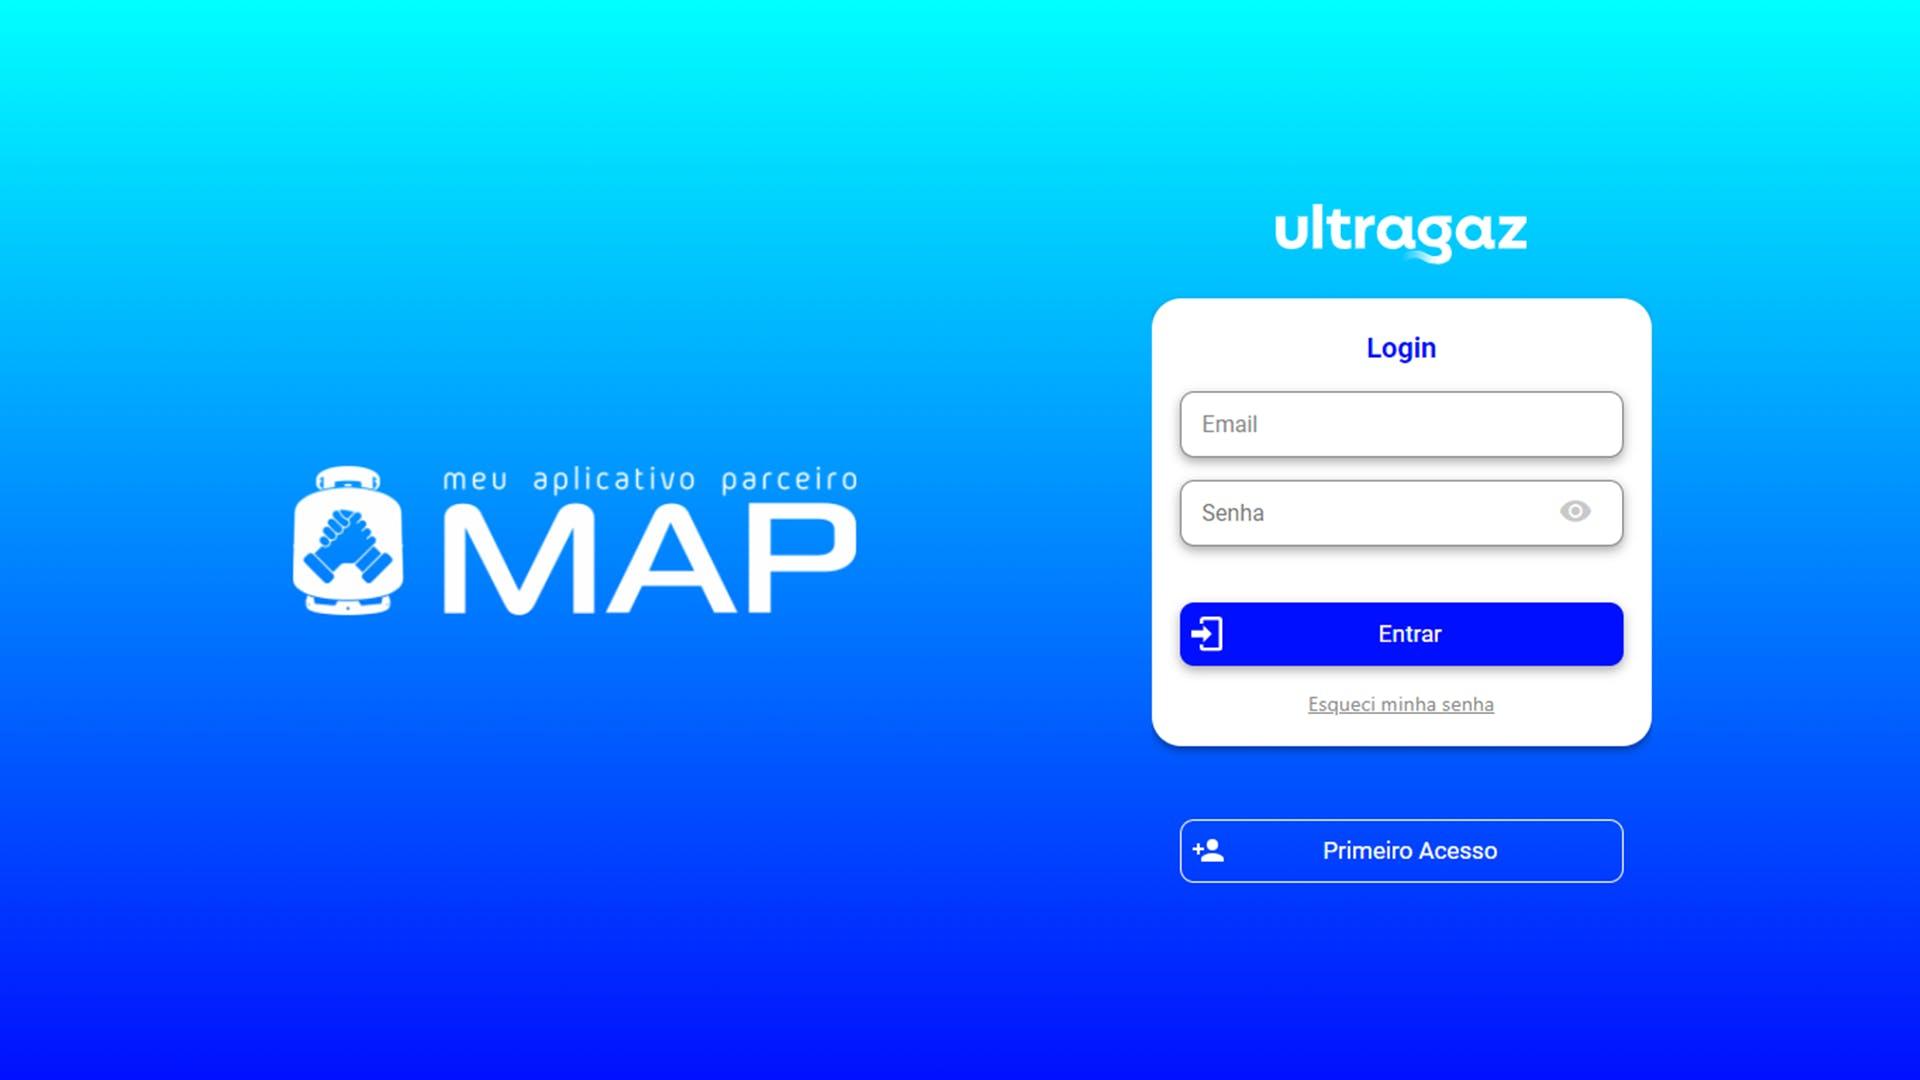 MAP Ultragaz